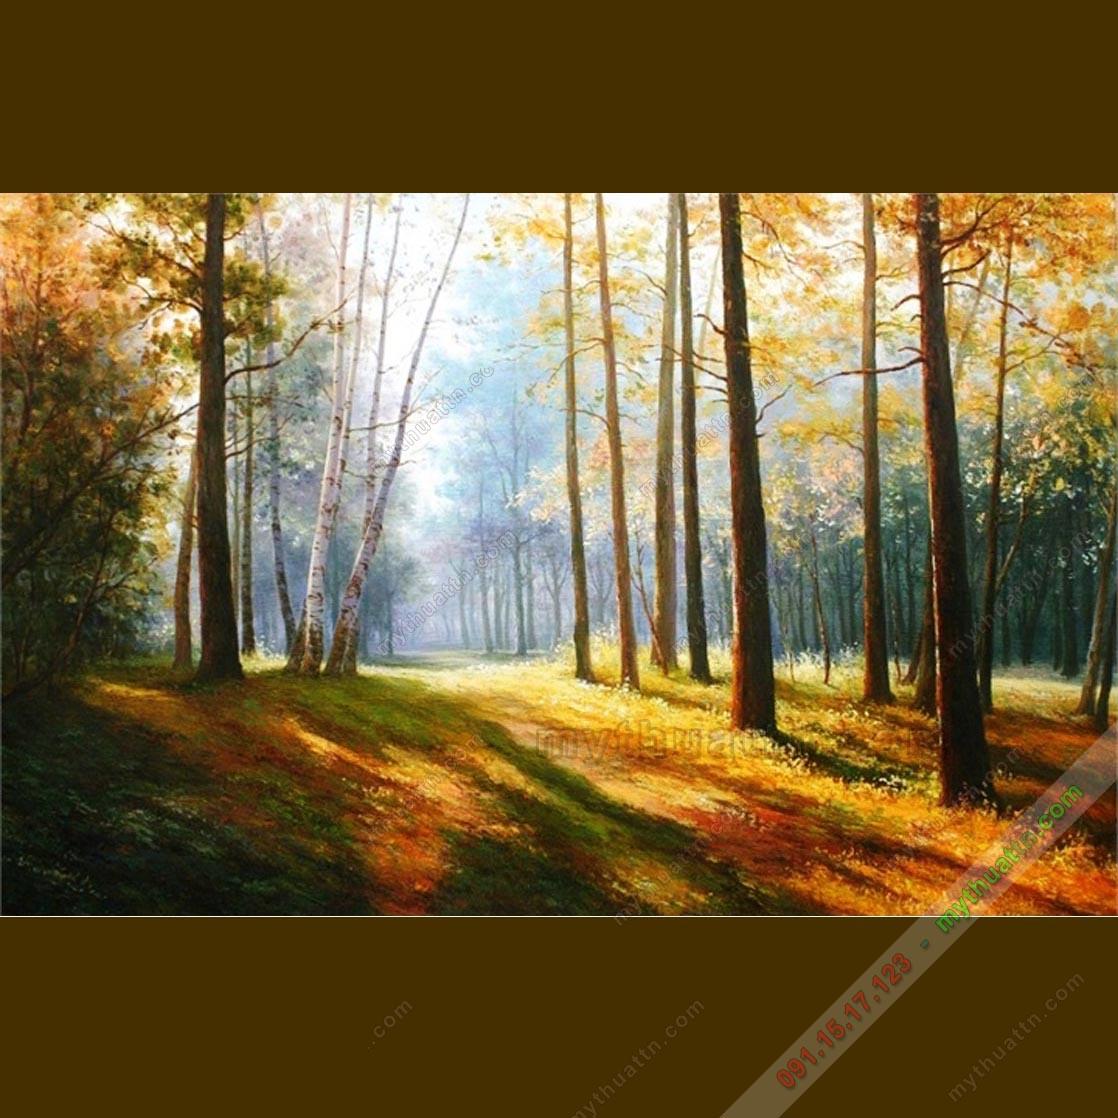 Tranh sơn dầu phong cảnh mùa thu châu Âu